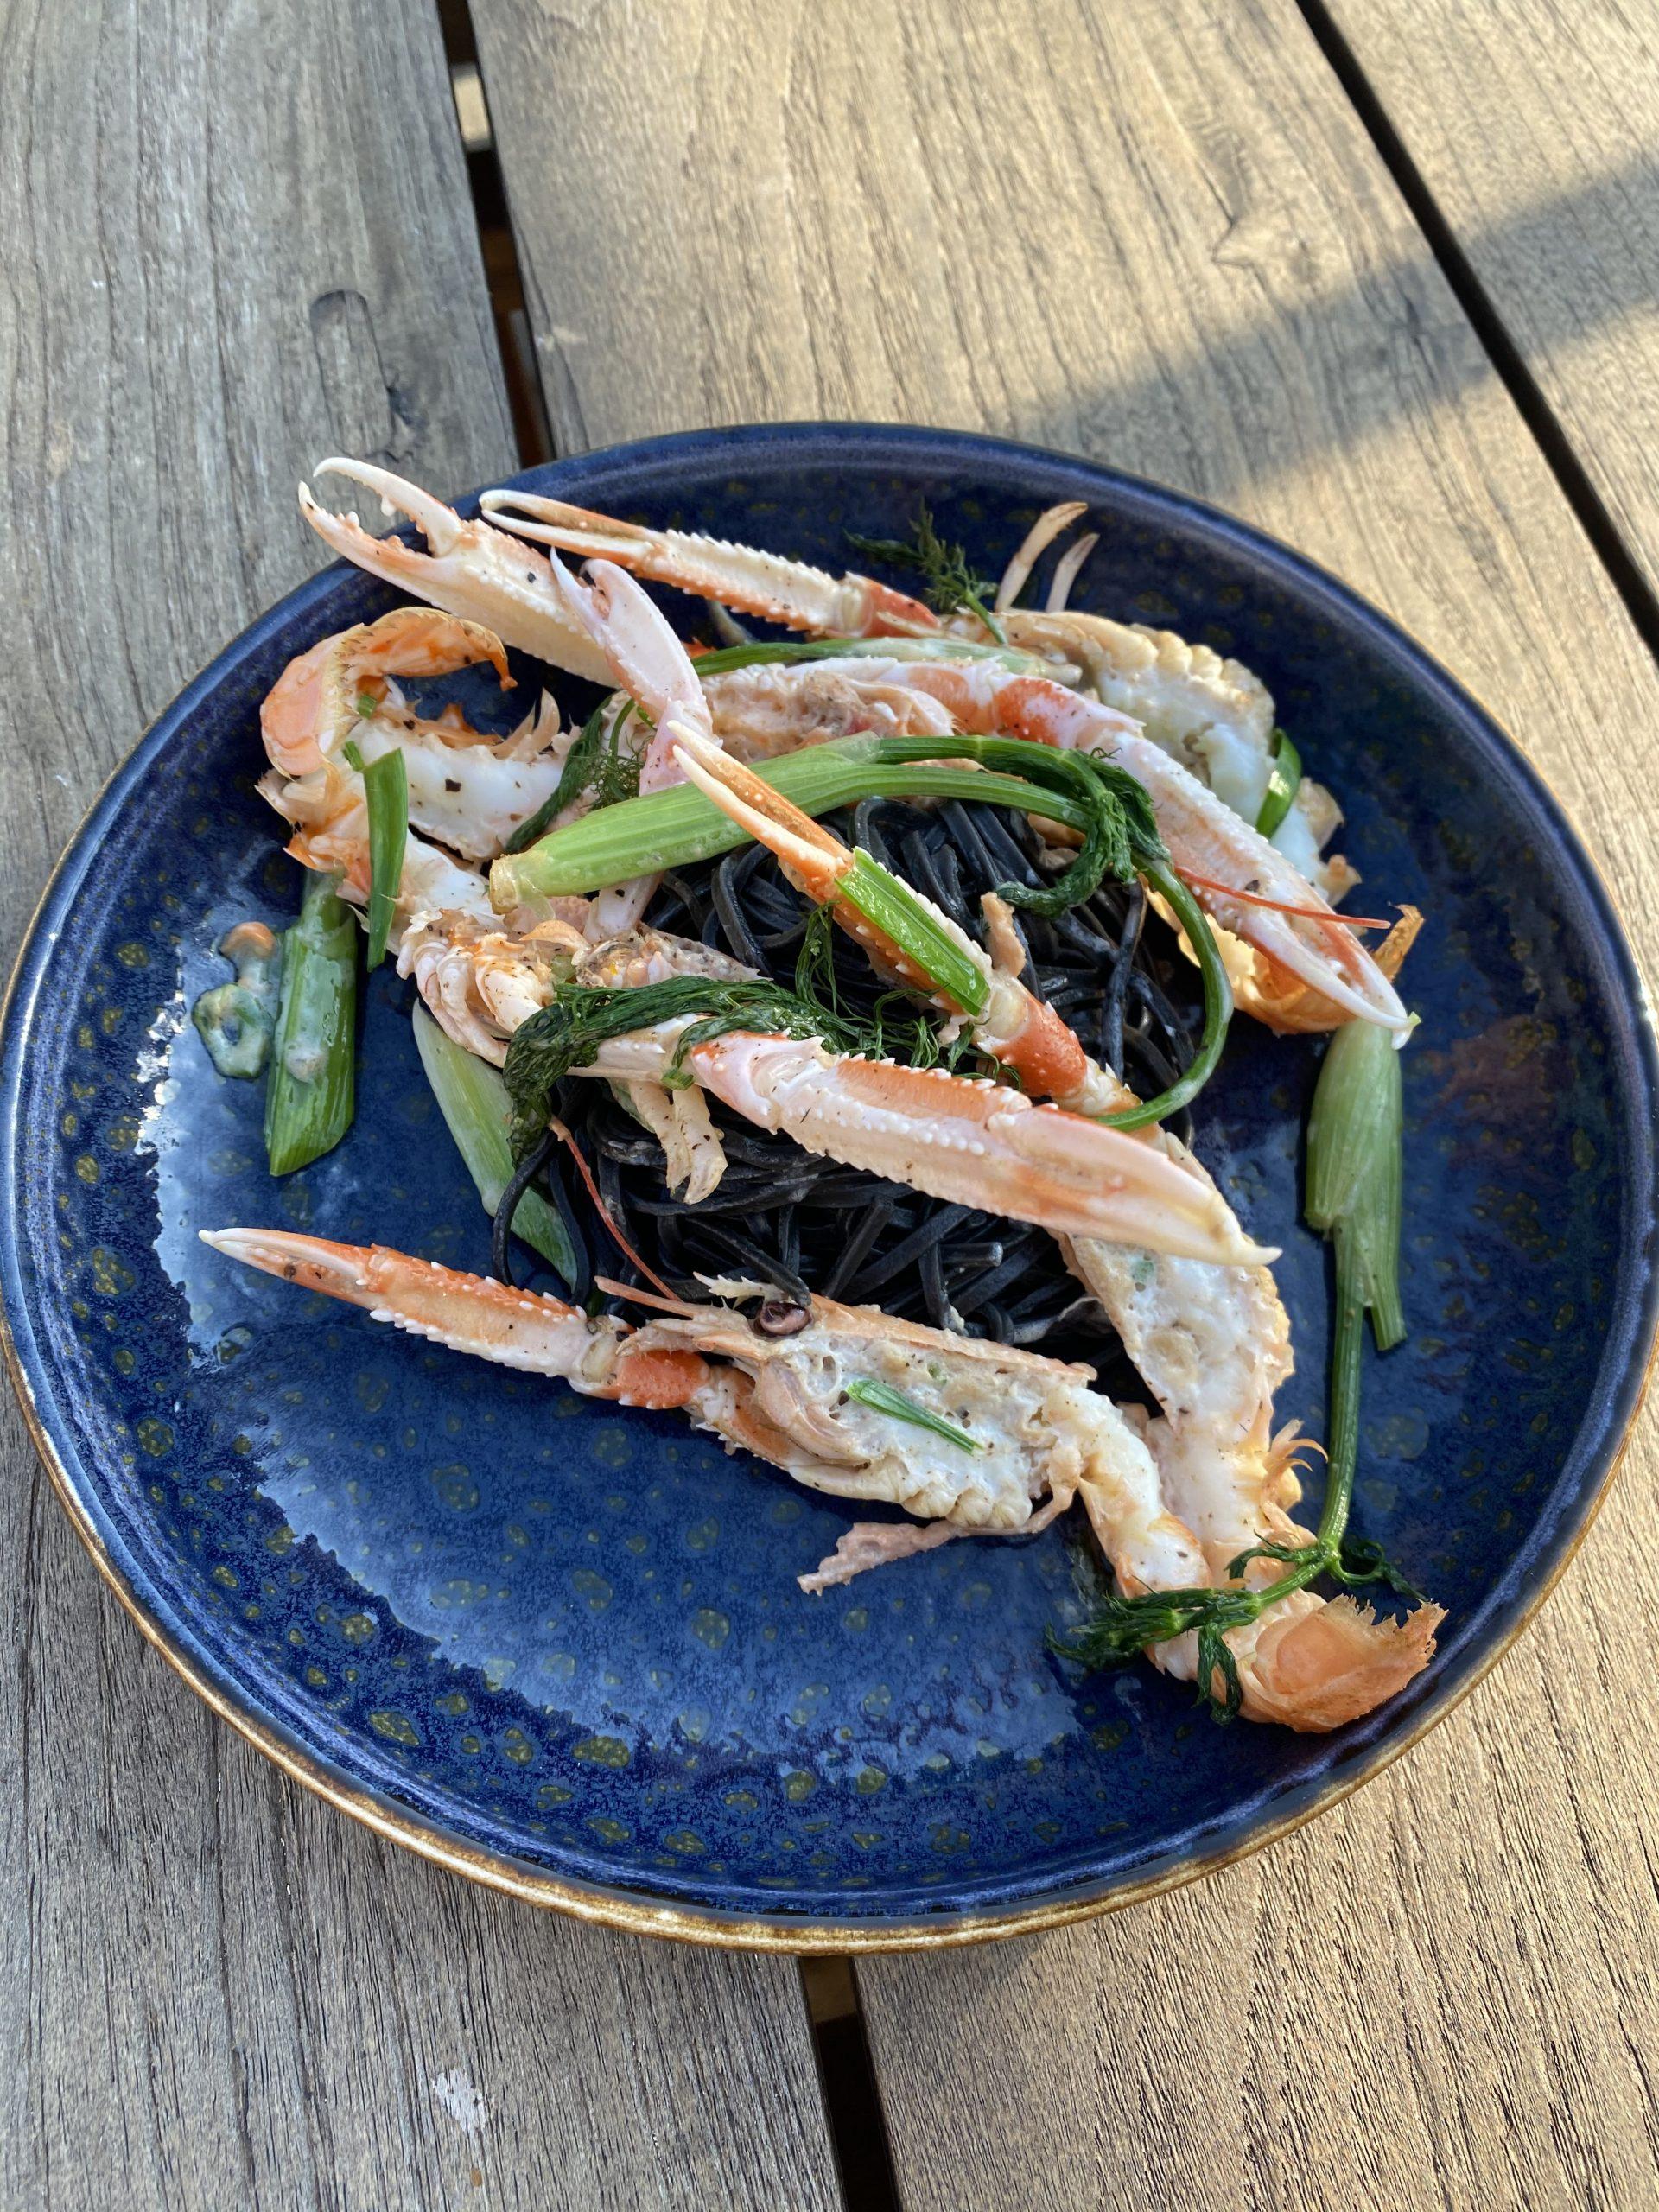 Recept voor inktvis zwarte pasta met langoustines, venkel en prei in een romige saus.  Linguine nero di seppia langoustines van de Big Green Egg.